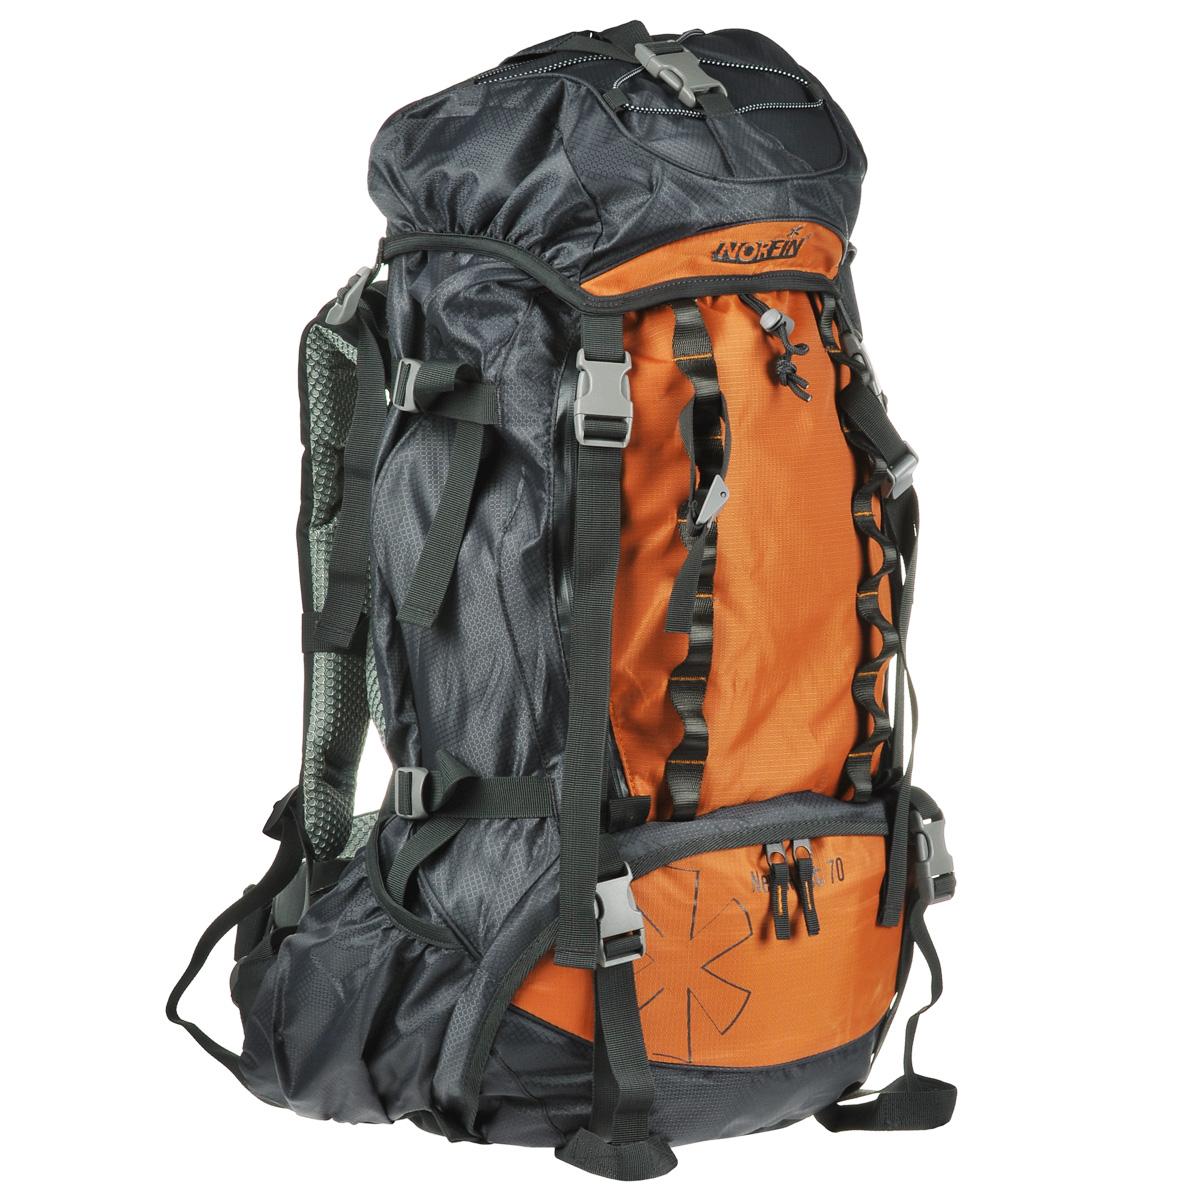 Рюкзак туристический Norfin NeweRest, цвет: серый, оранжевый, 70 лNS-40208Туристический функциональный 70-литровый рюкзак Norfin NeweRest отлично подойдет для походов и путешествий.Особенности рюкзака:Анатомический съемный пояс. Отлично сидит на бедрах, хорошо перераспределяет нагрузку Регулируемая подвесная система AL-RГрудная стяжкаАлюминиевые латыВыход под питьевую системуОсновное отделение с разделителем на молнии позволит удобно распределить содержимое рюкзакаПомимо верхнего и нижнего входов в основное отделение, по всей передней части рюкзака проходит молния, которая раскрывает его как чемодан. Нижние боковые карманы для фиксирования длинномерных грузов имеют боковые стяжкиПлавающий верхний клапан с внешним и внутренним карманами Чехол-дождевик в кармане на днеВозможность крепления трекинговых палок.